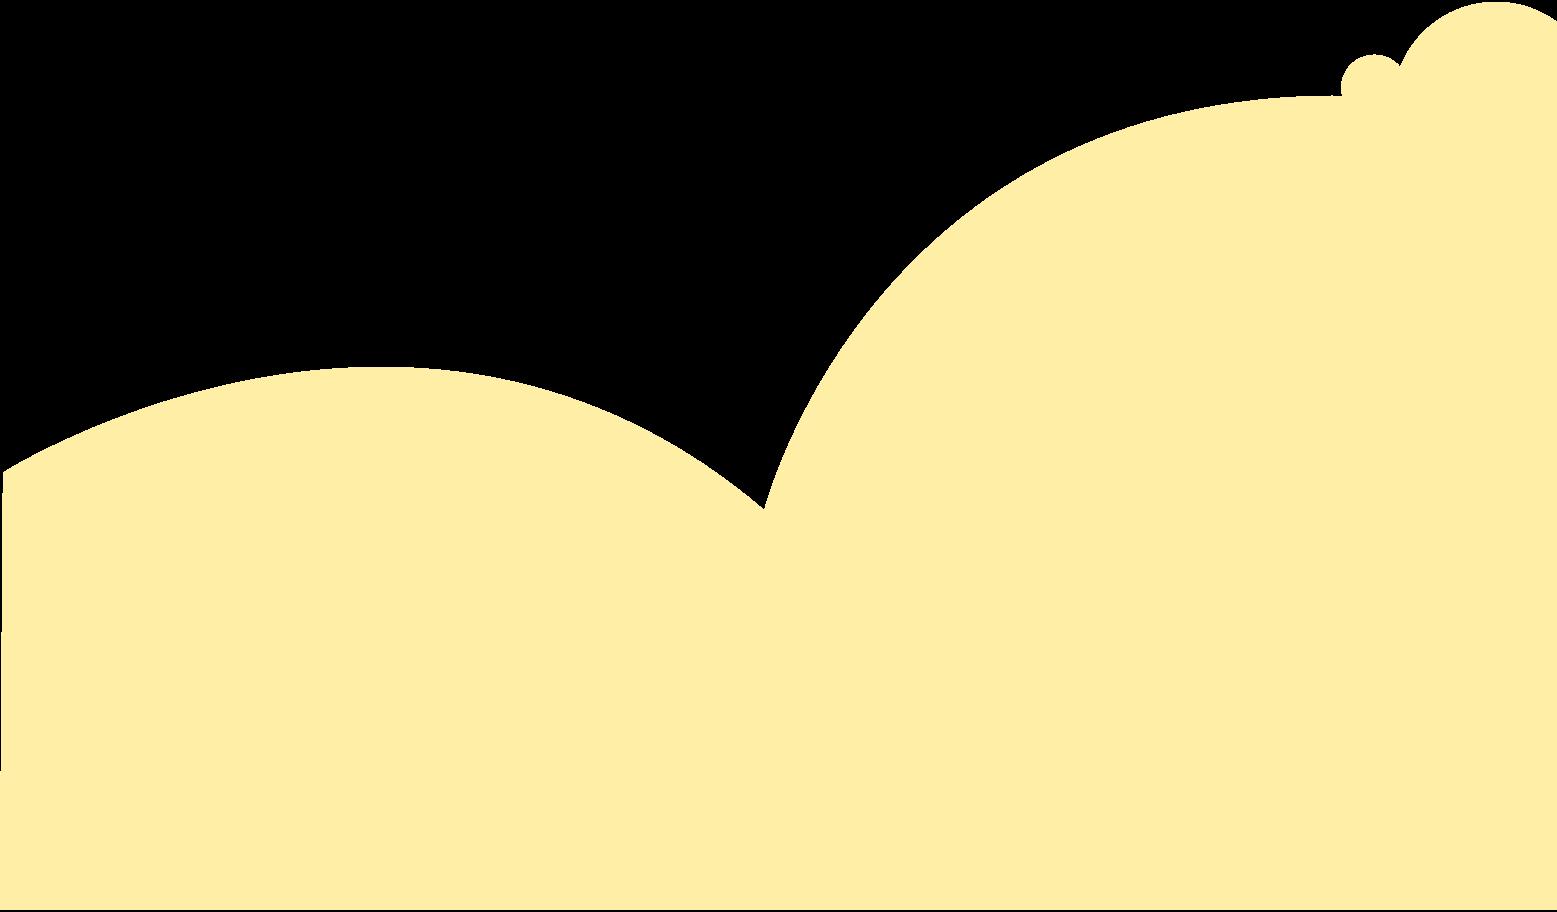 PNGとSVGの  スタイルの 砂 ベクターイメージ | Icons8 イラスト